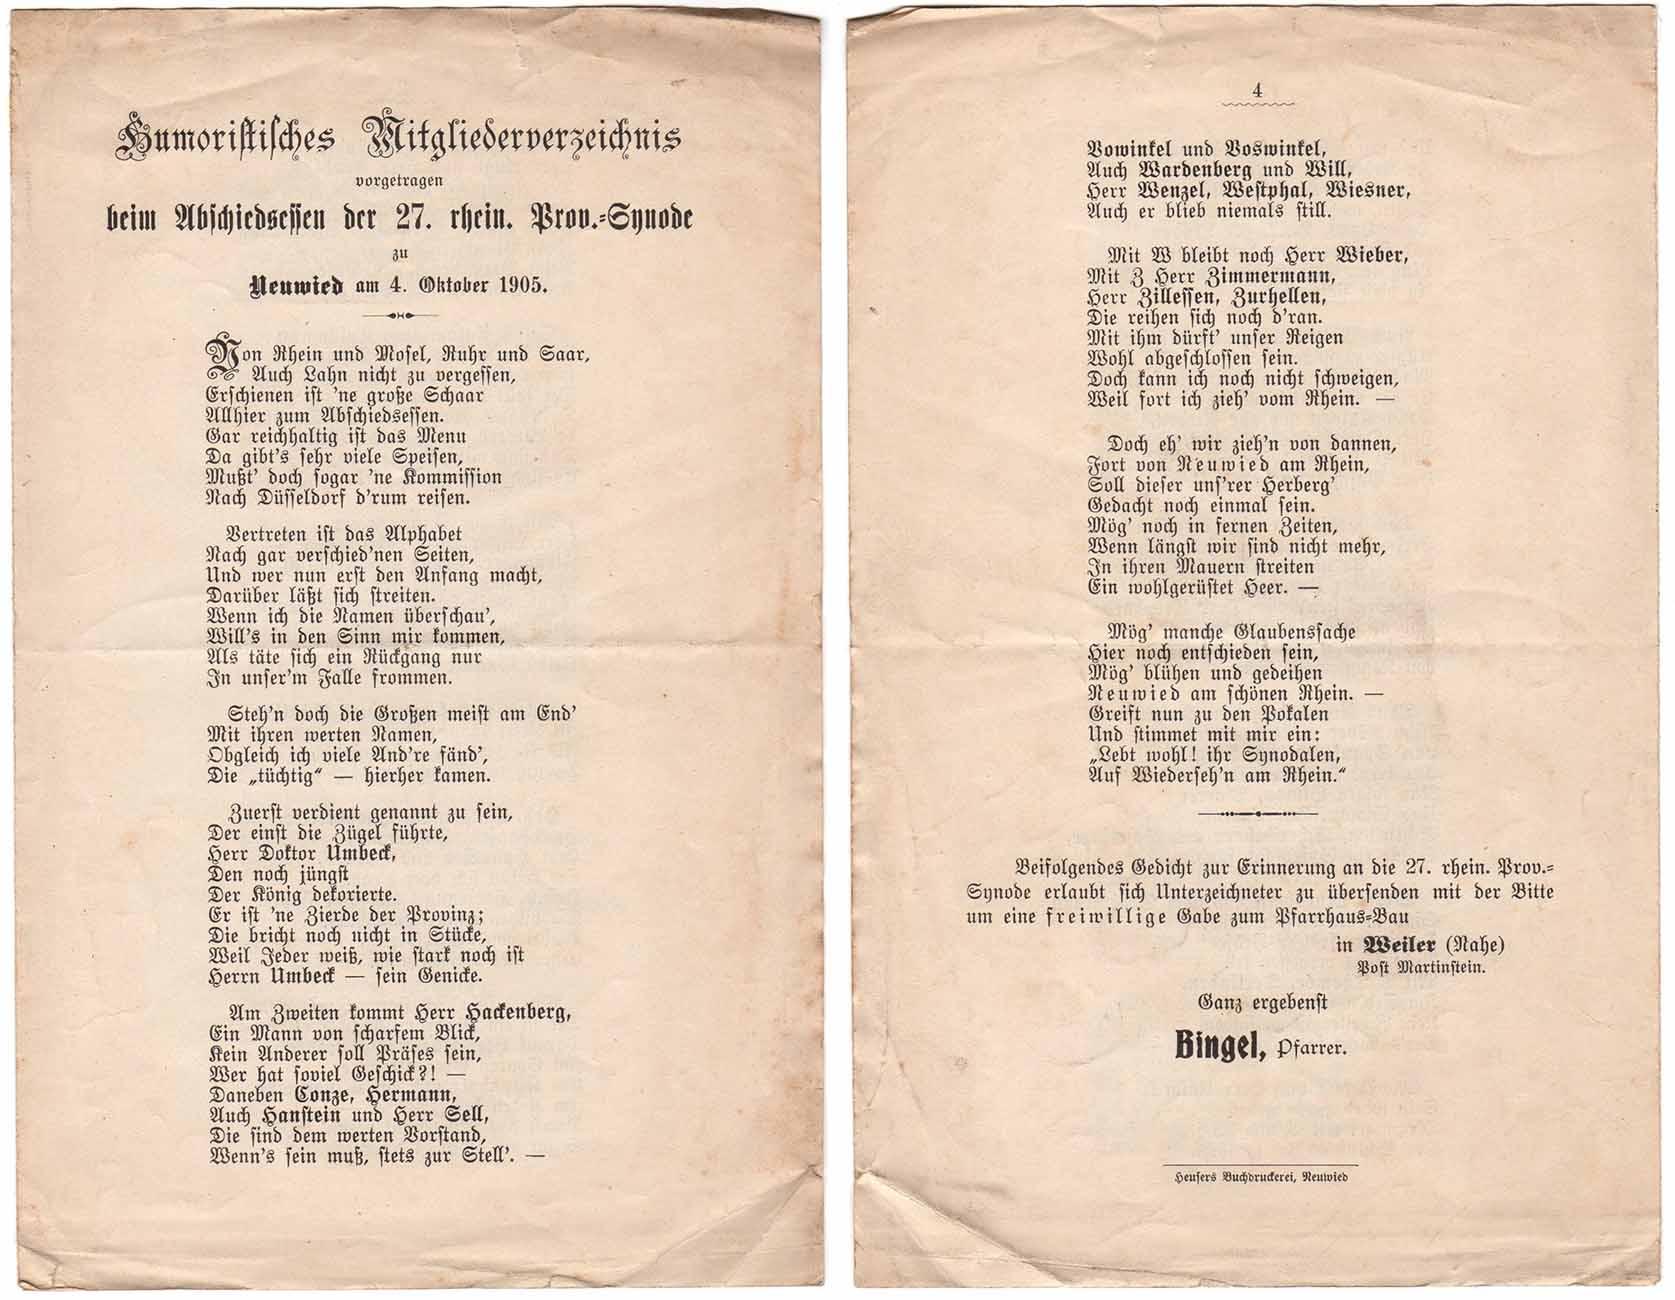 Die erste und die letzte Seite des humoristischen Mitgliederverzeichnisses der Rheinischen Synode von 1905 in Gedichtform aus der Feder von Pfarrer Friedrich Bingel (Weiler/Nahe); Archiv der Evangelischen Kirche im Rheinland;